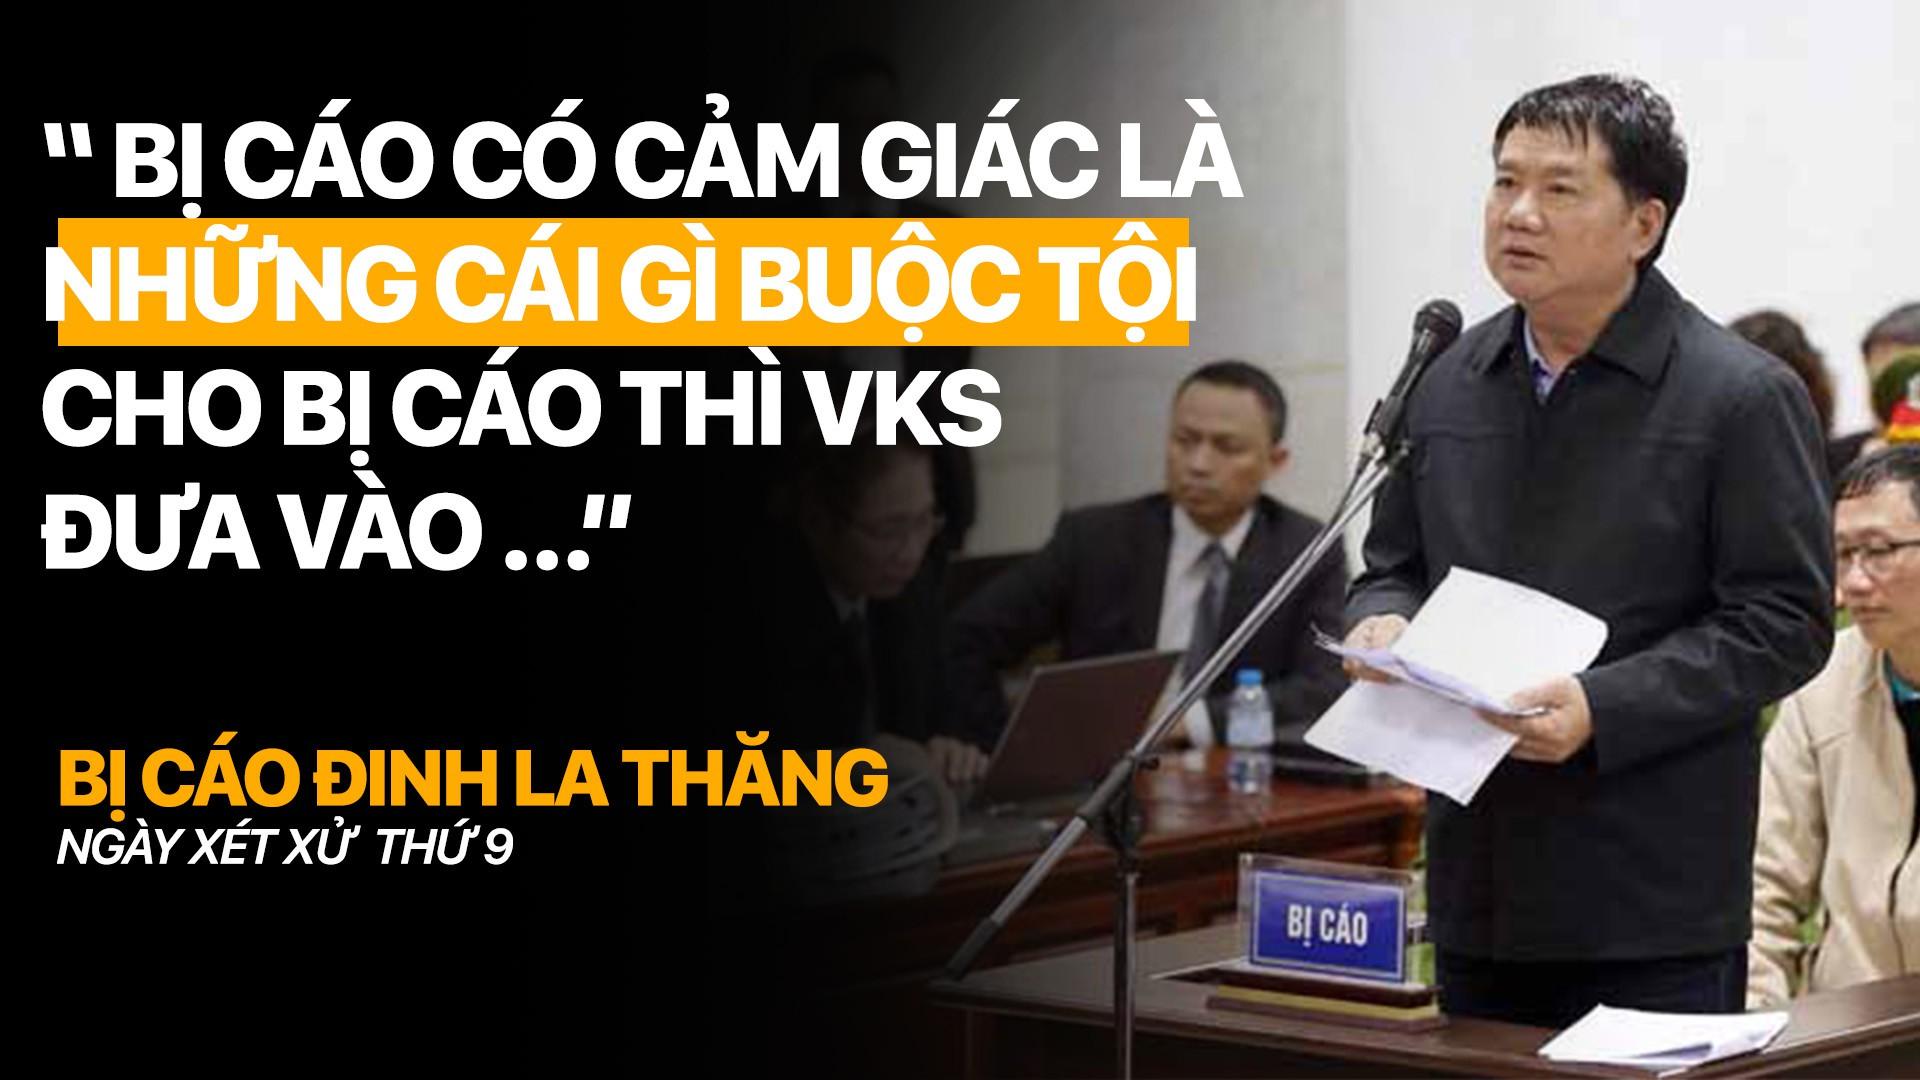 """Bị cáo Đinh La Thăng: """"Bị cáo có cảm giác là những cái gì buộc tội cho bị cáo thì VKS đưa vào"""""""